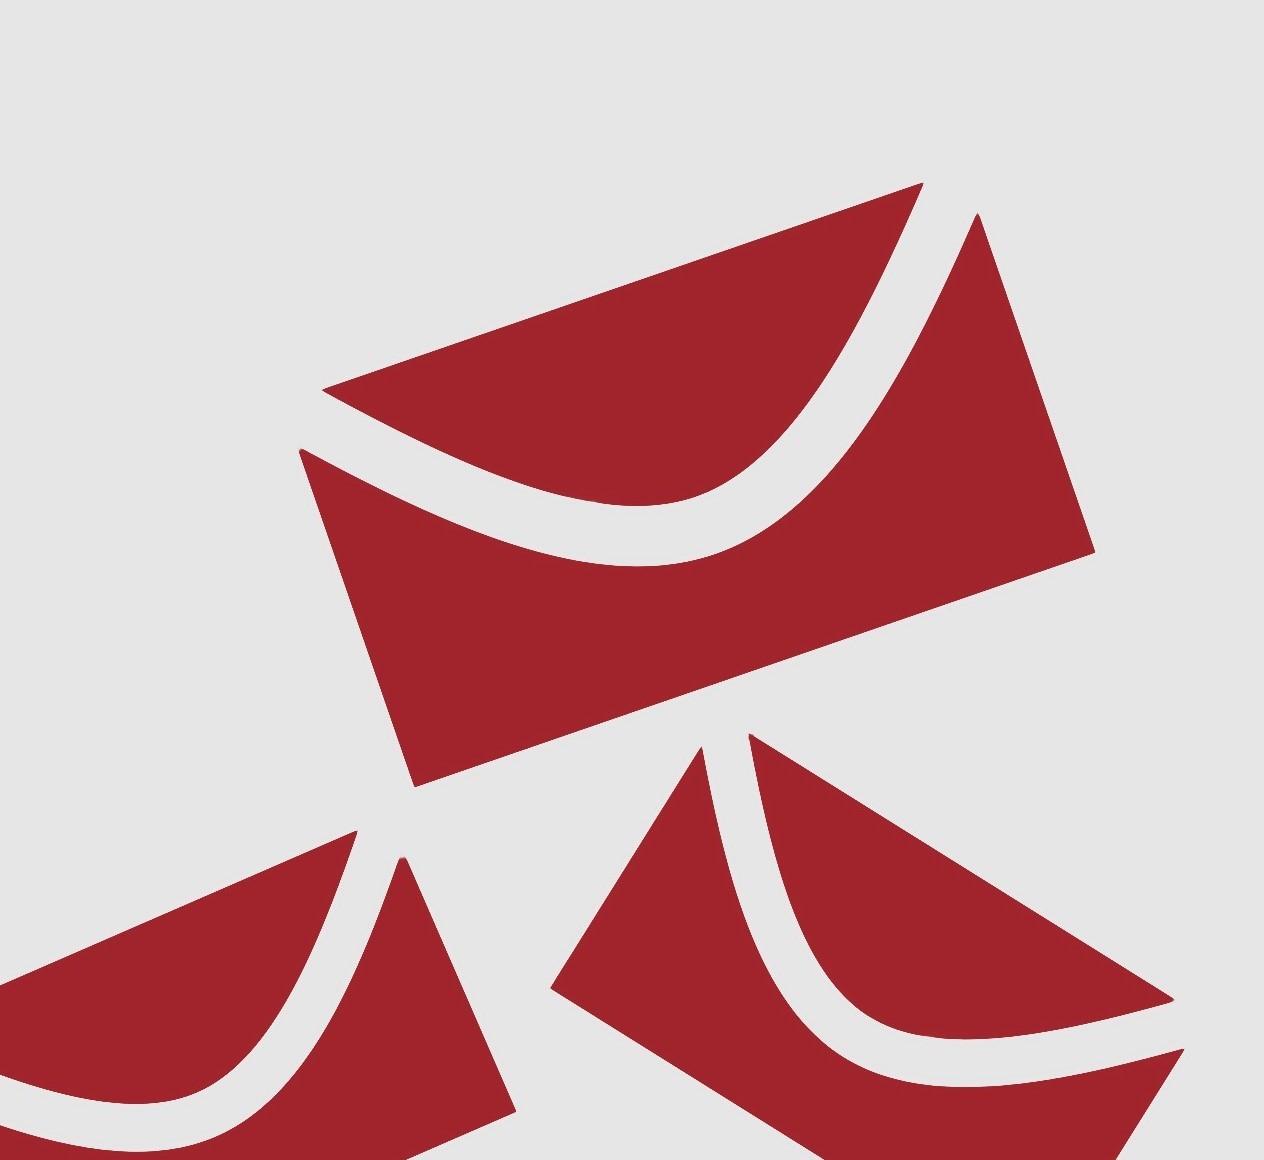 Rote Briefumschläge vor grauem Hintergrund